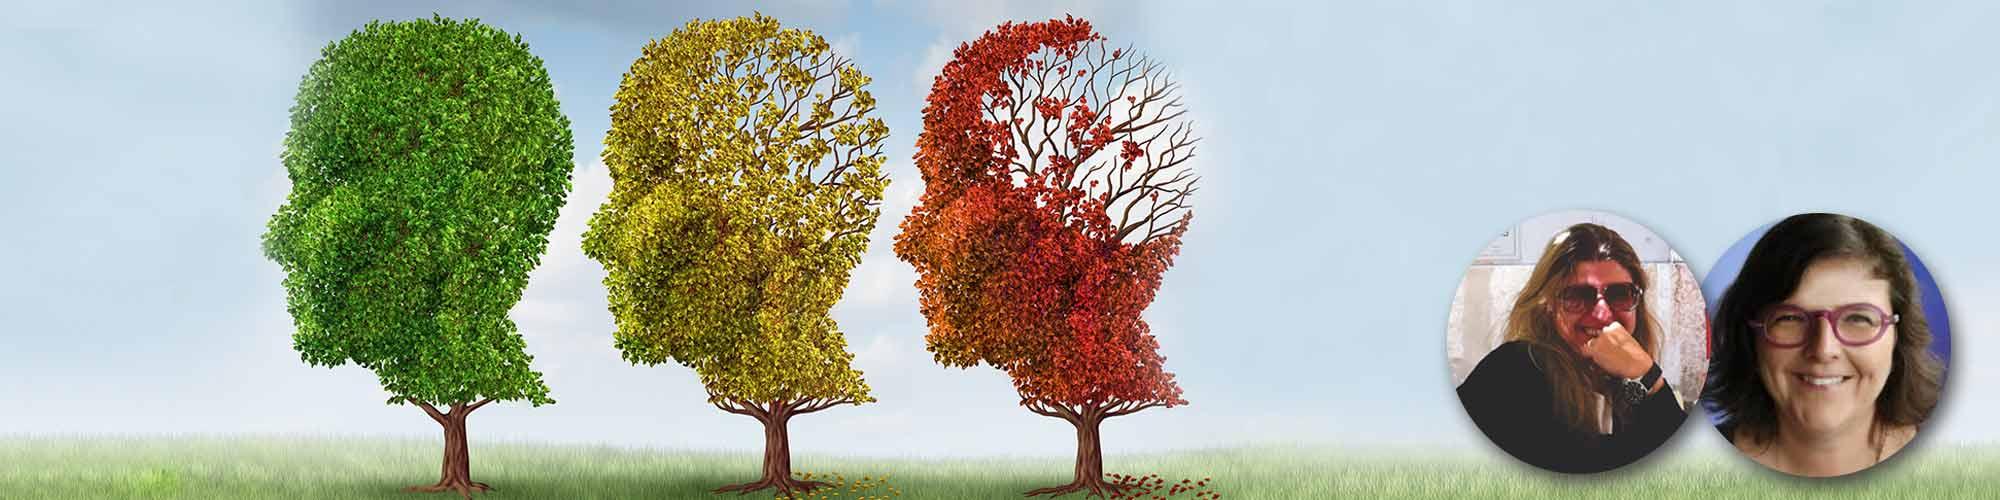 Neurologistas discutem prevenções e sintomas de Alzheimer e Parkinson